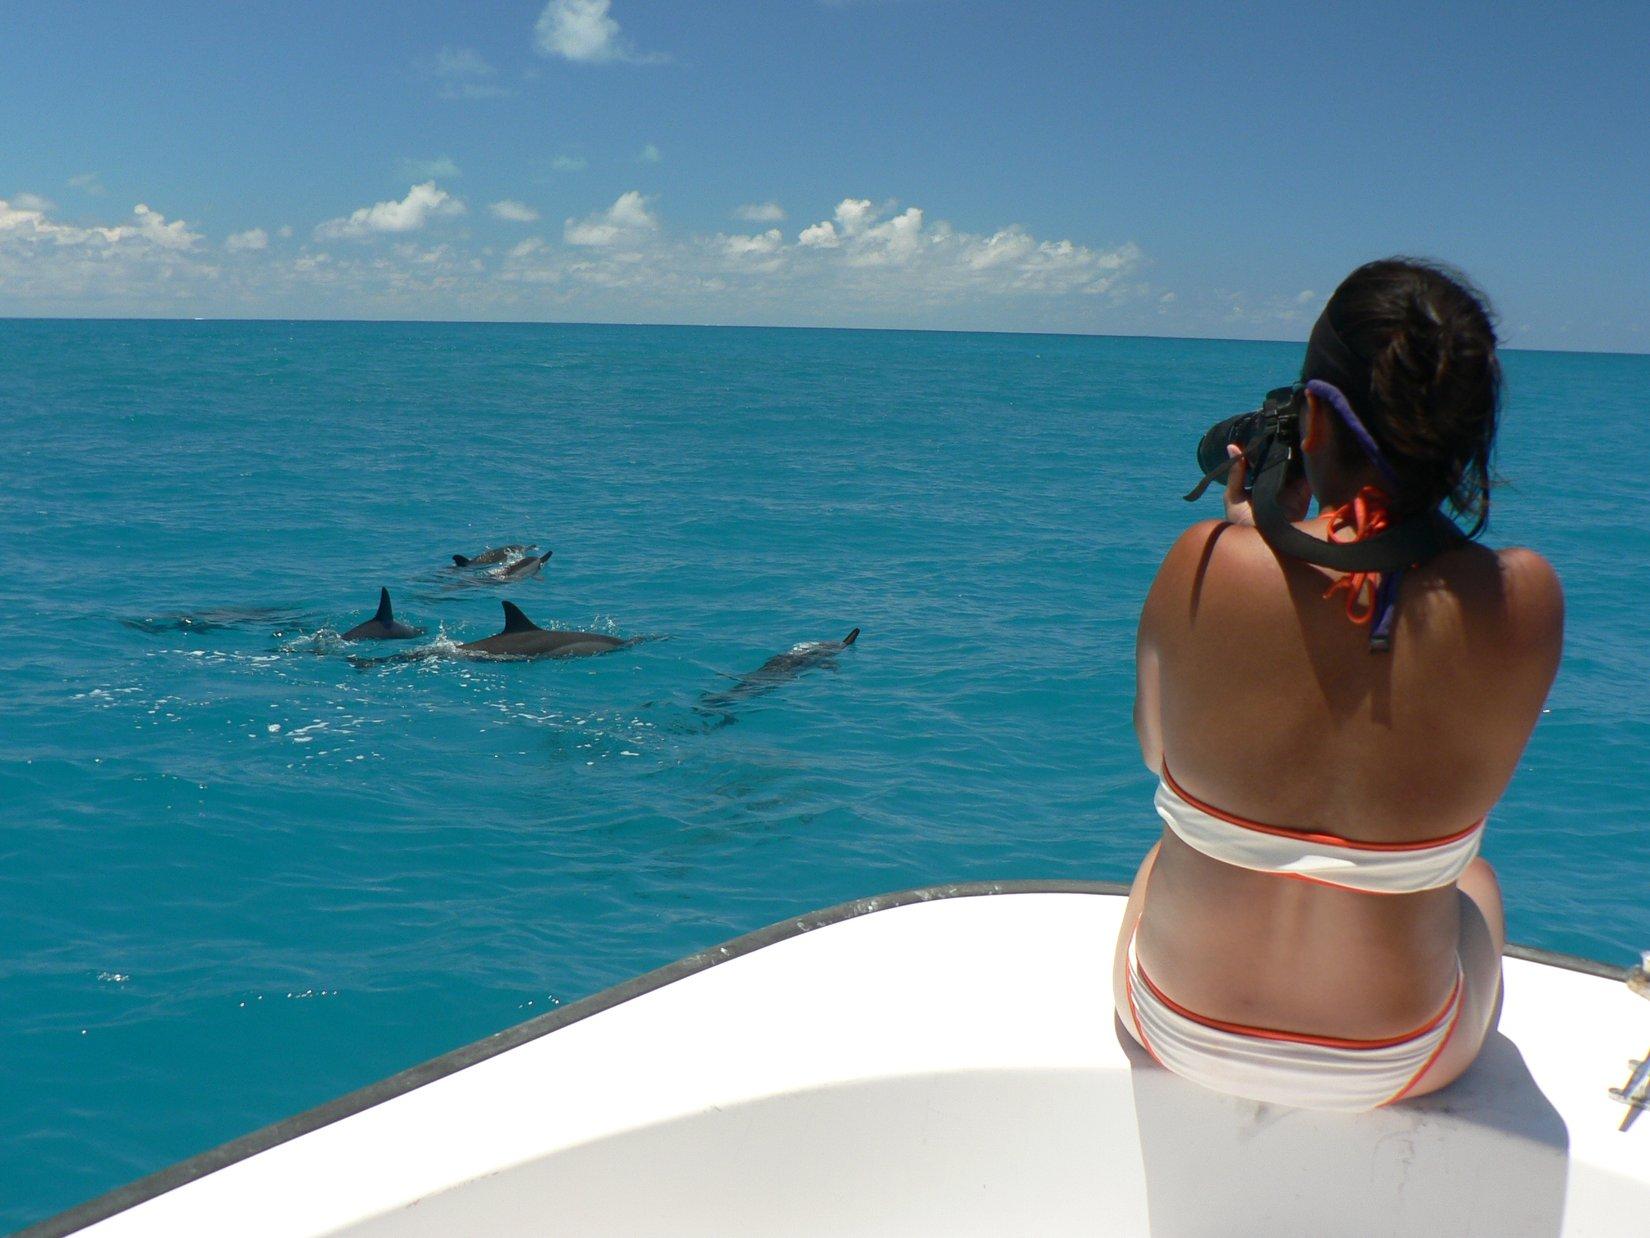 Elaine_dolphins.jpg